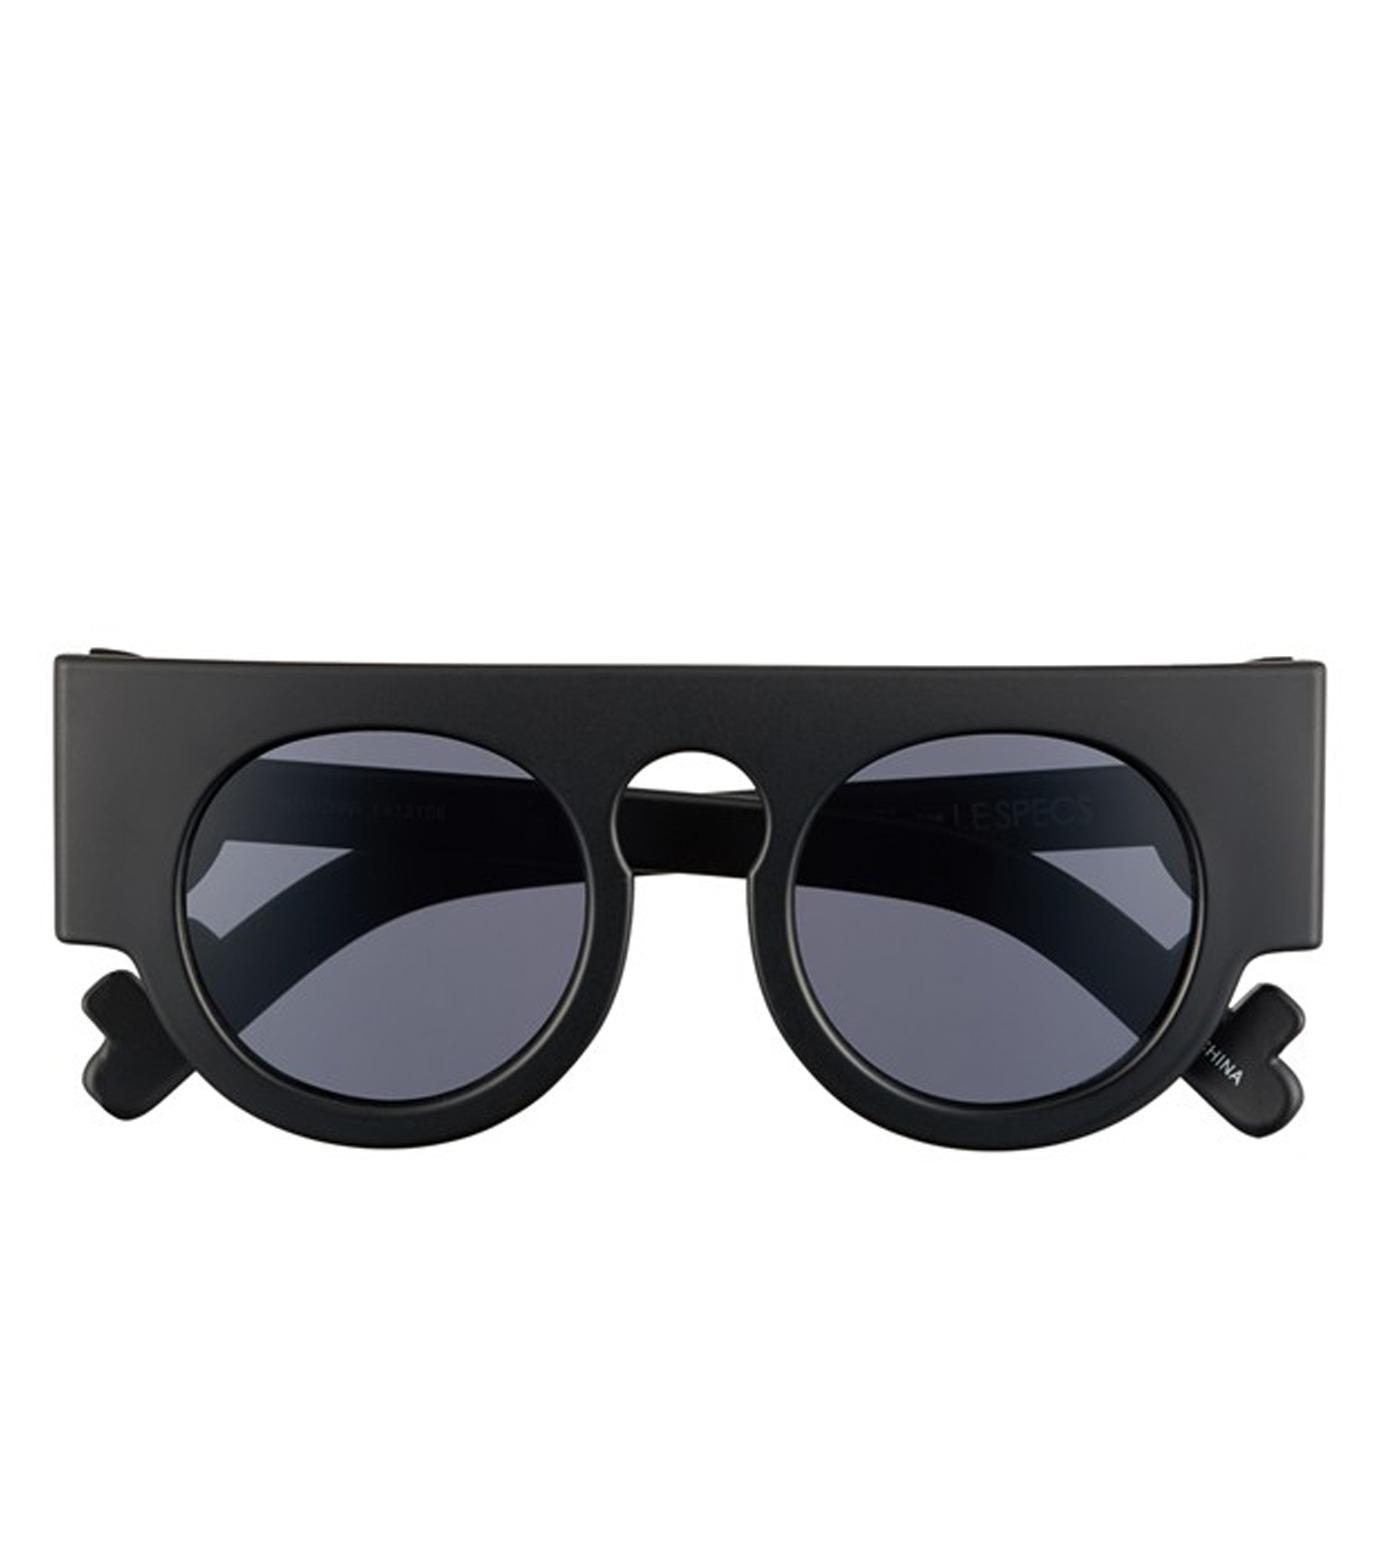 Craig&Karl(クレイグ アンド カール)のHOUDINI Matte Black/Smoke-BLACK(アイウェア/eyewear)-LCK1413106-13 拡大詳細画像2